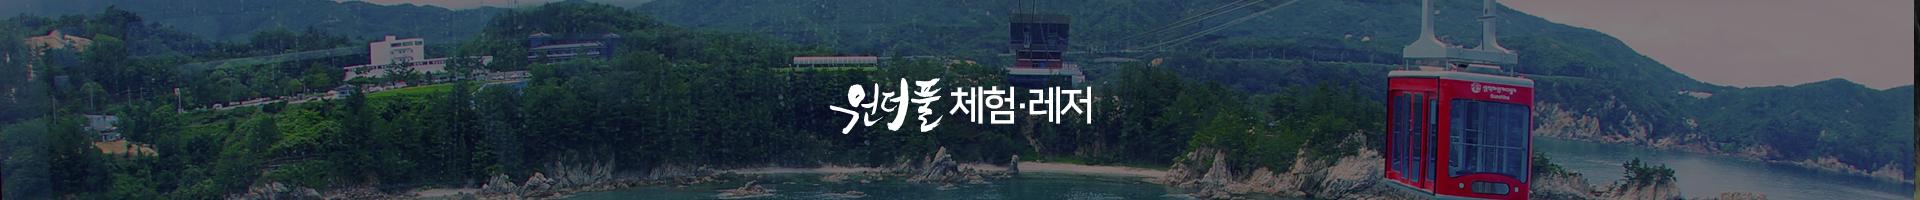 원더풀 체험·레저. 2018 삼척 방문의 해! 신비하고 아름다운 삼척을 즐기자!